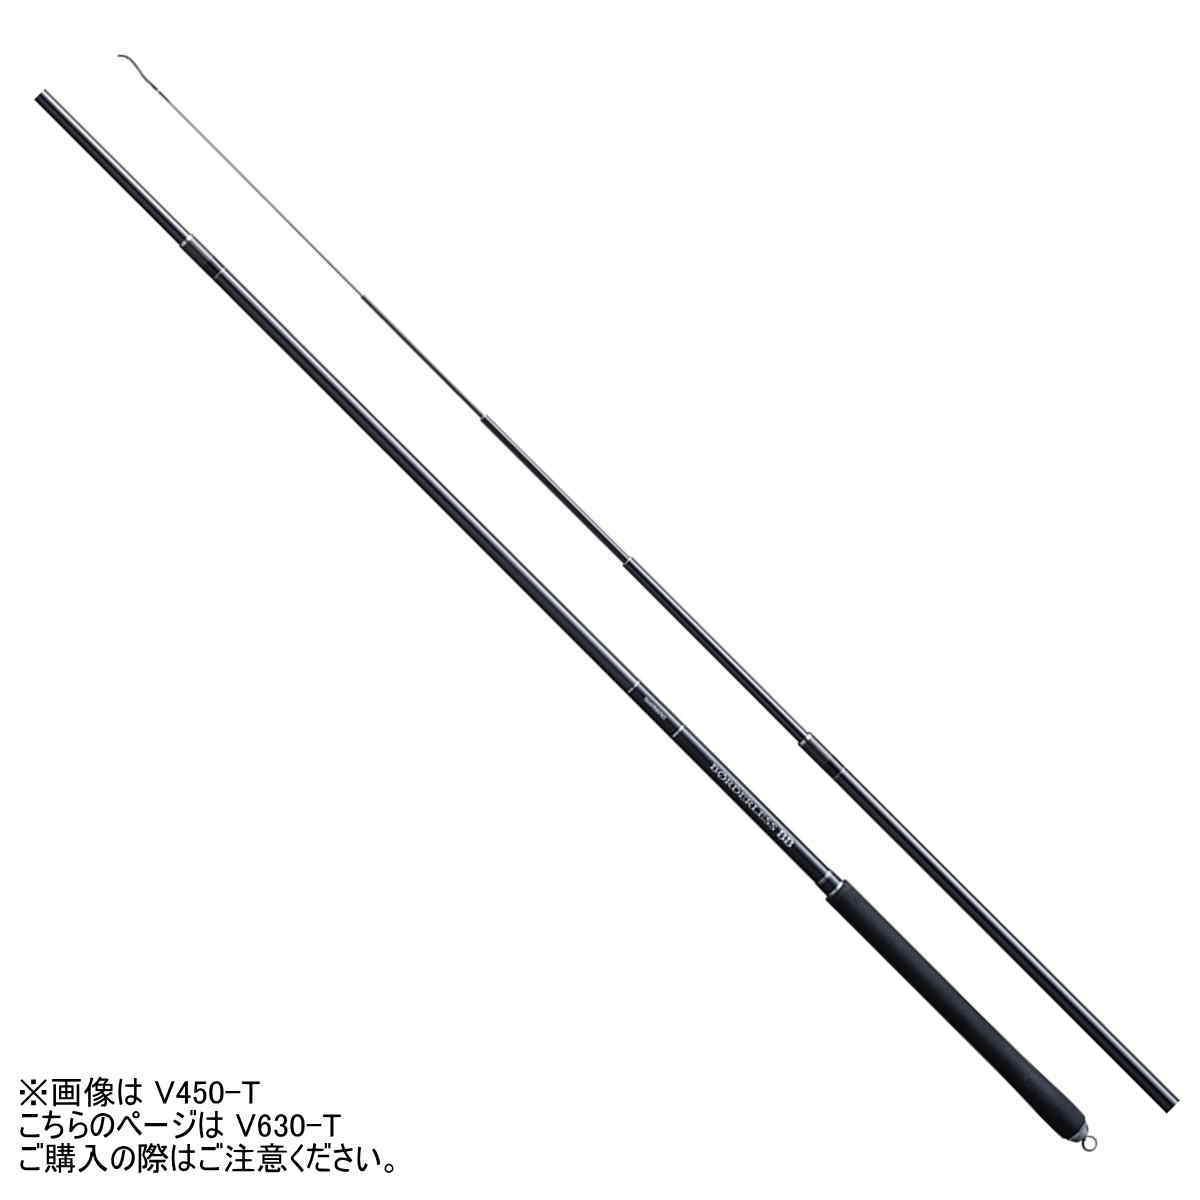 【送料無料5】シマノ ロッド '19 ボーダレス BB GL Vモデル V630-T ガイドレス仕様